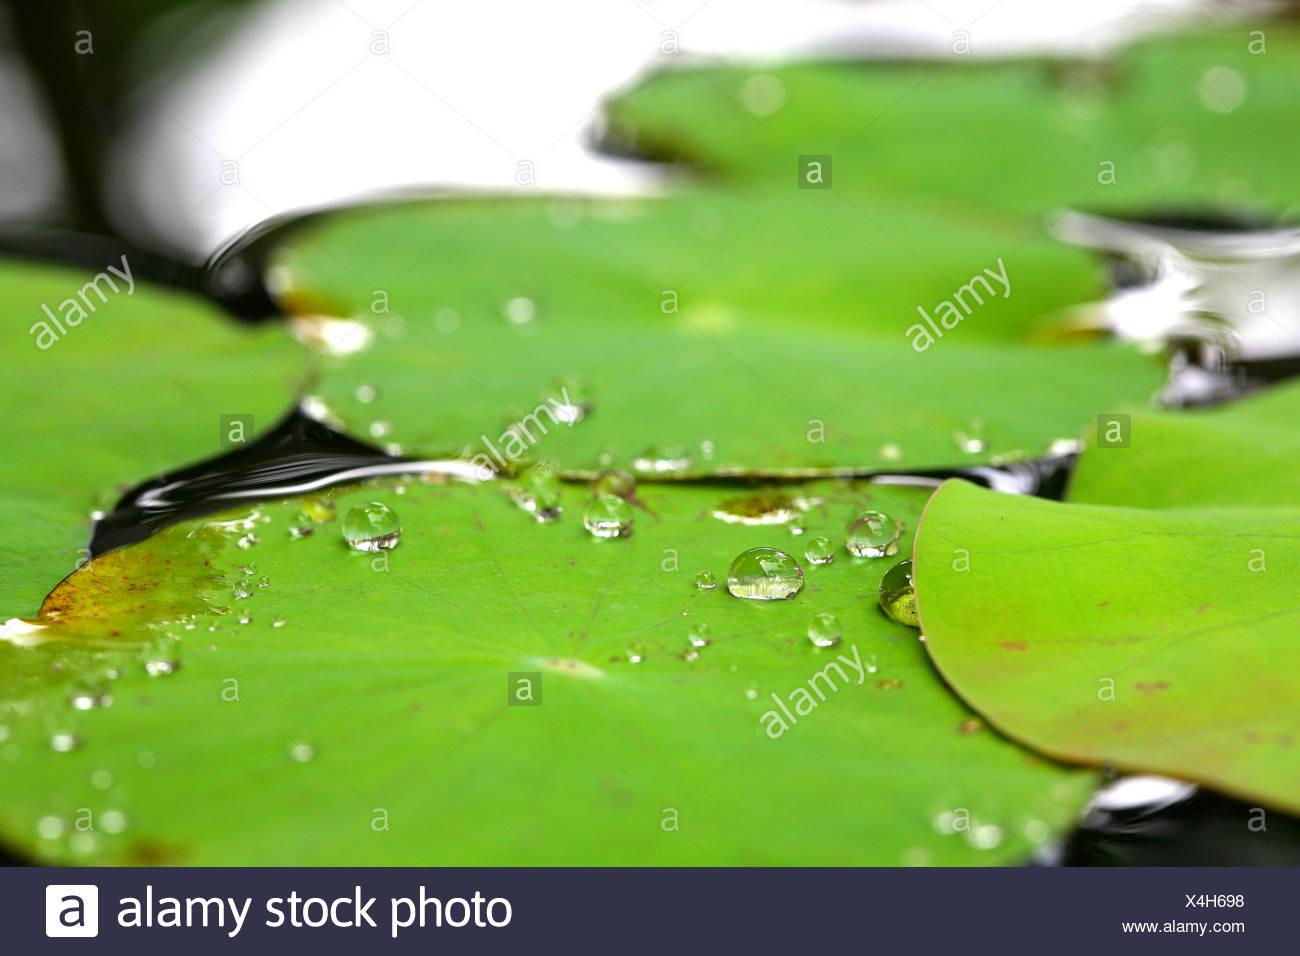 Lotus leaf - Stock Image